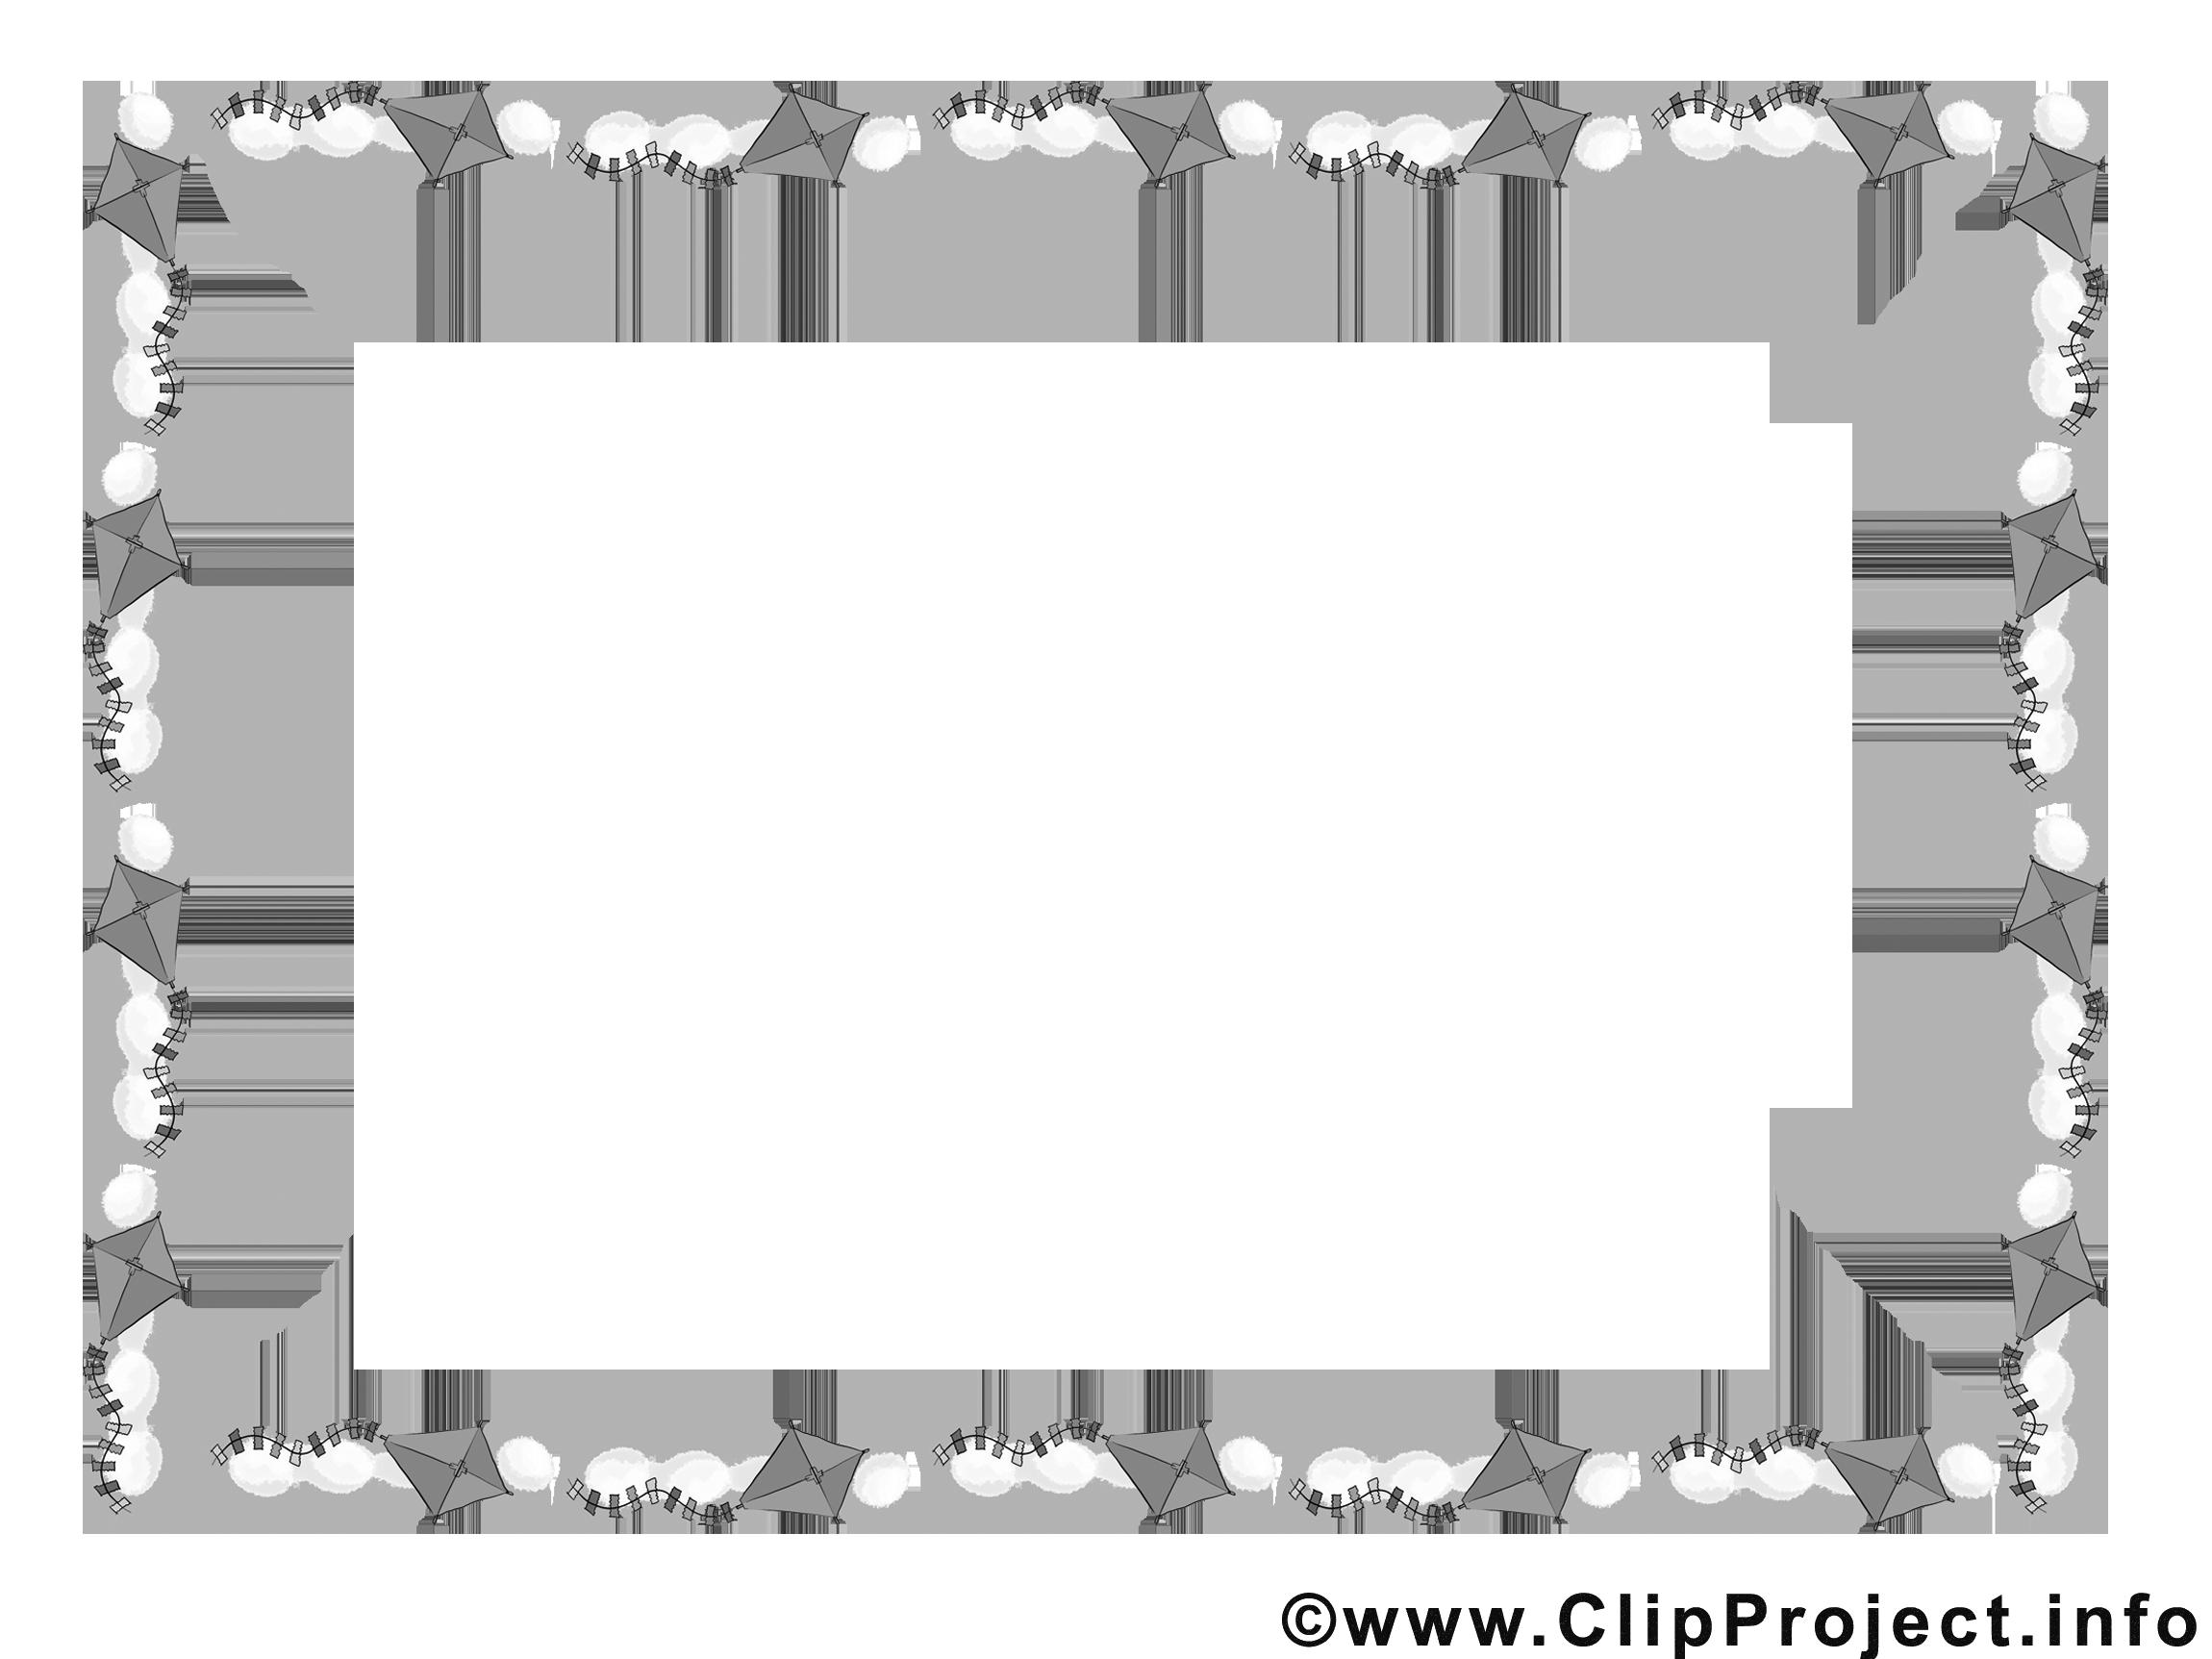 PNG Urkundenrahmen Transparent Urkundenrahmen.PNG Images. | PlusPNG